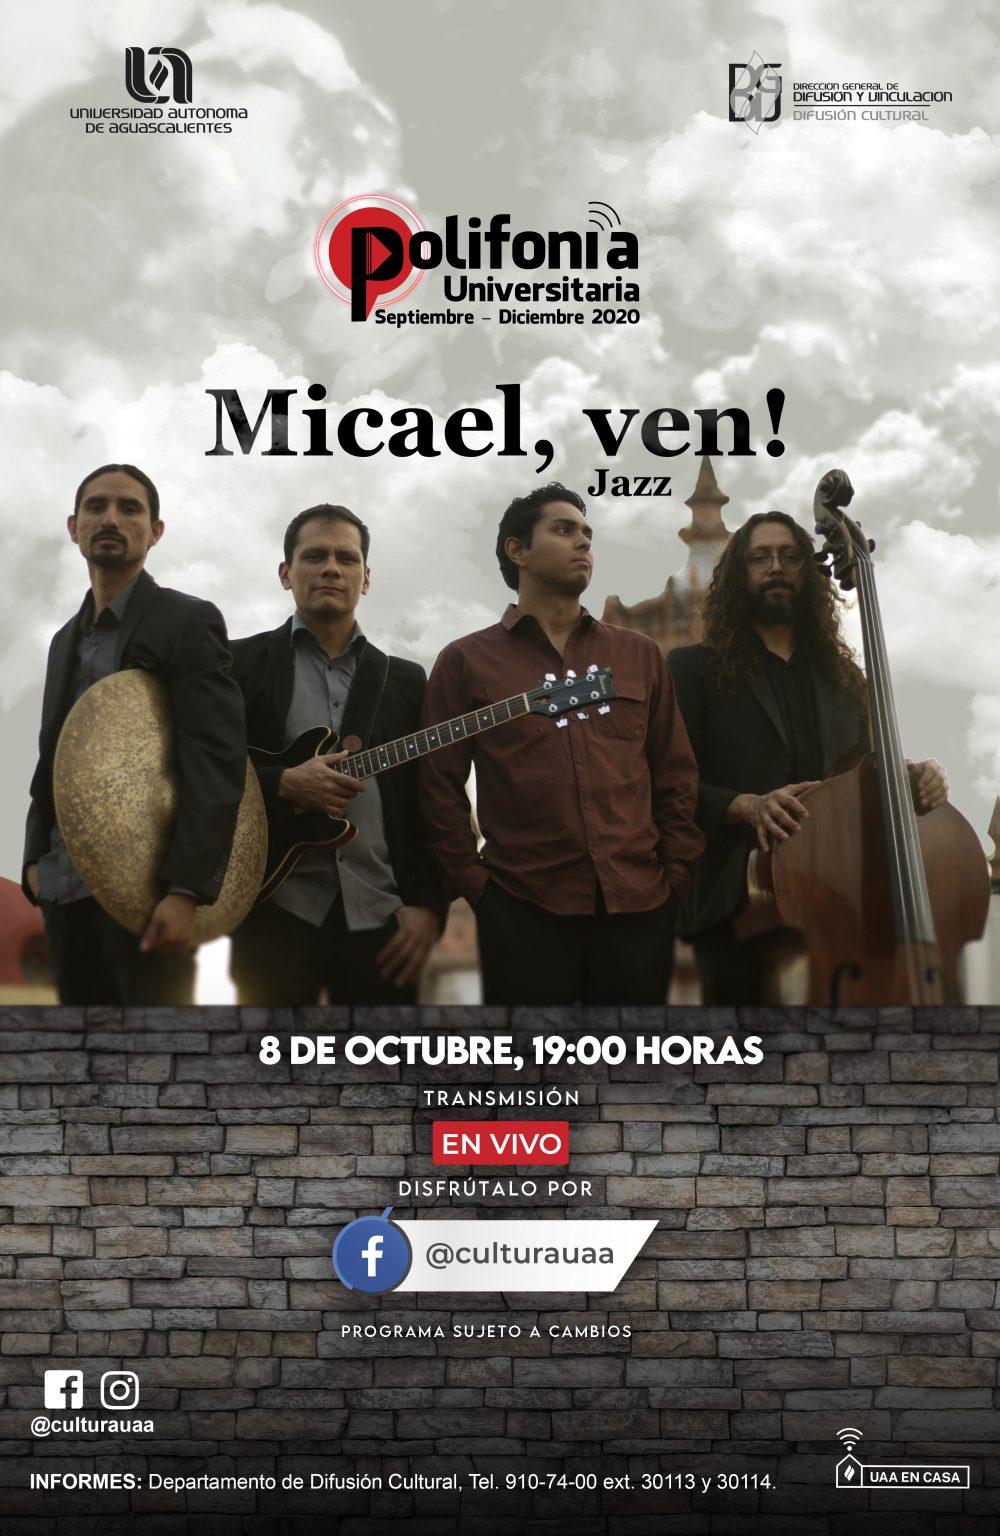 Polifonía Universitaria – Micael ven!